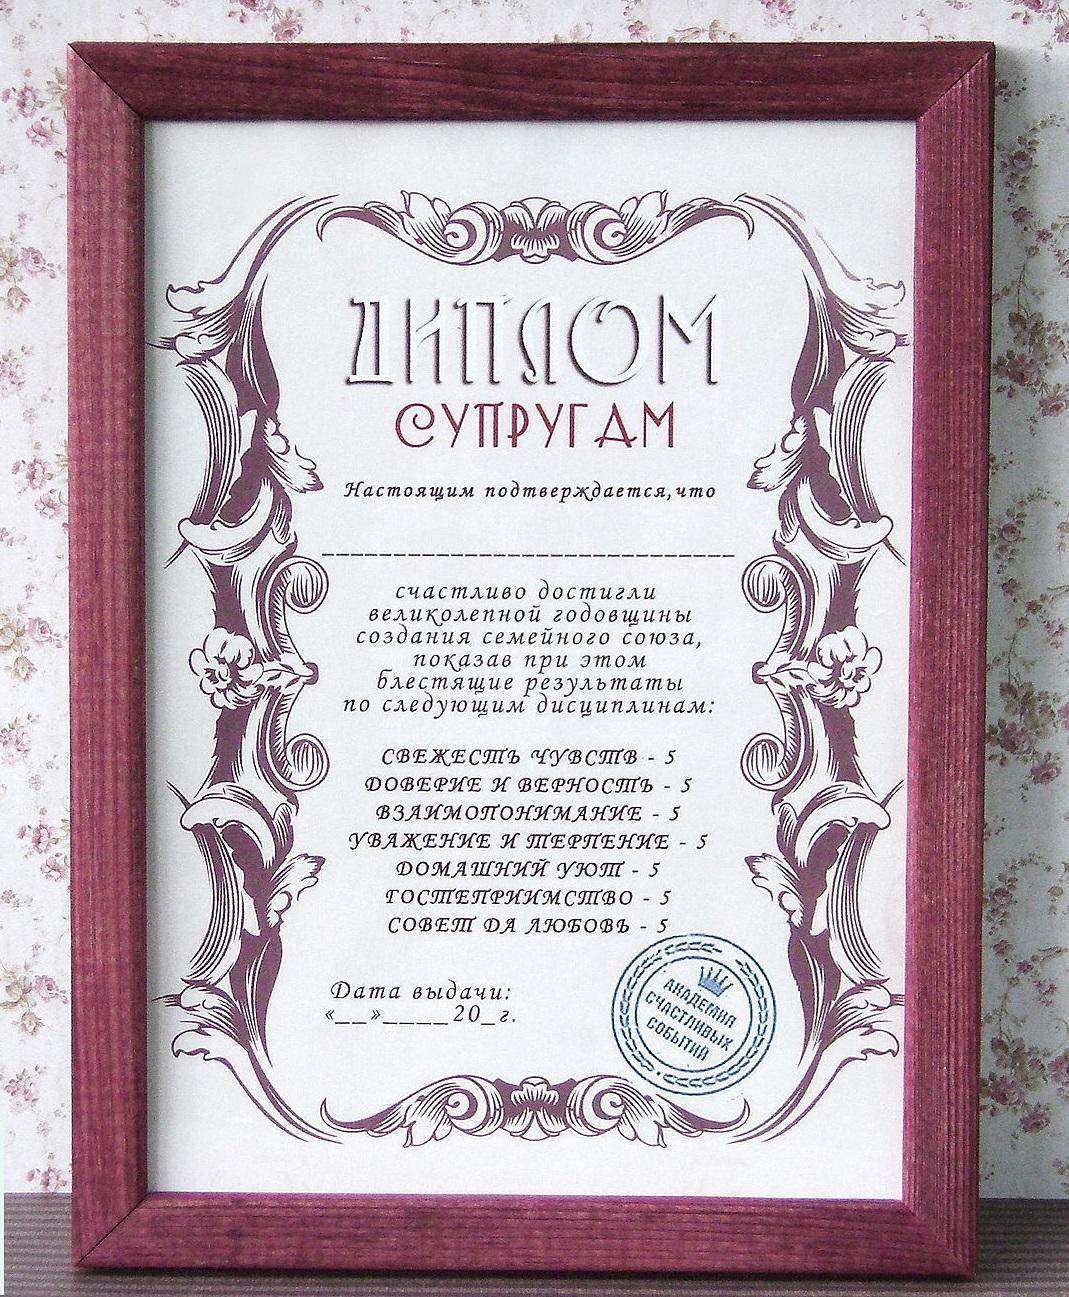 Печать грамот и дипломов с юбилеем свадьбы в Москве   фото 1